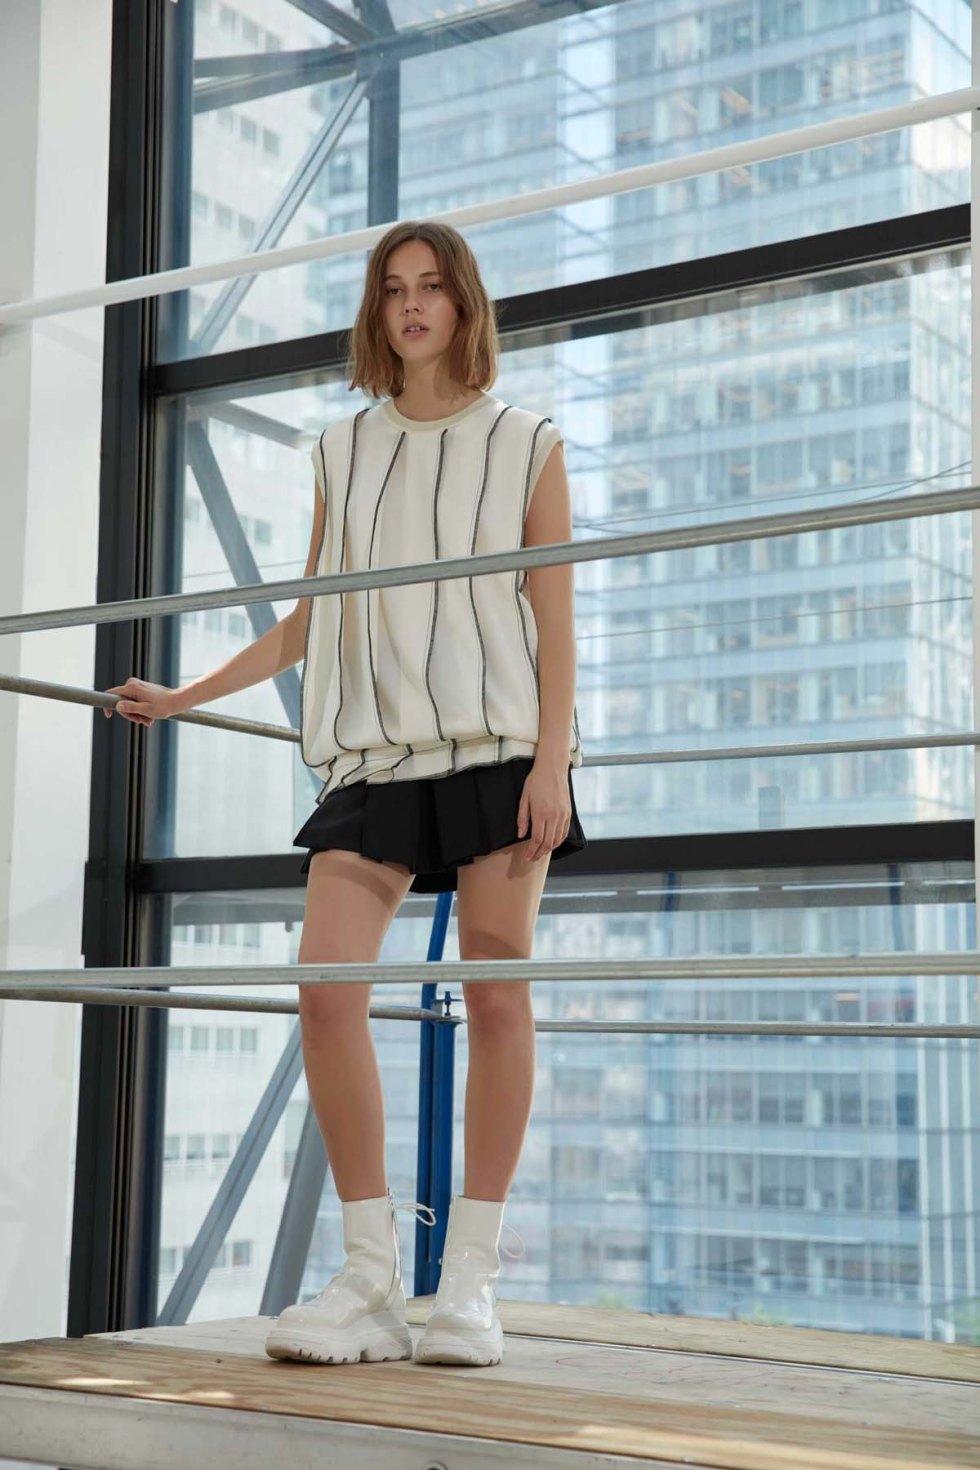 DKNY-resort-2017-slashitmag-fashion-16